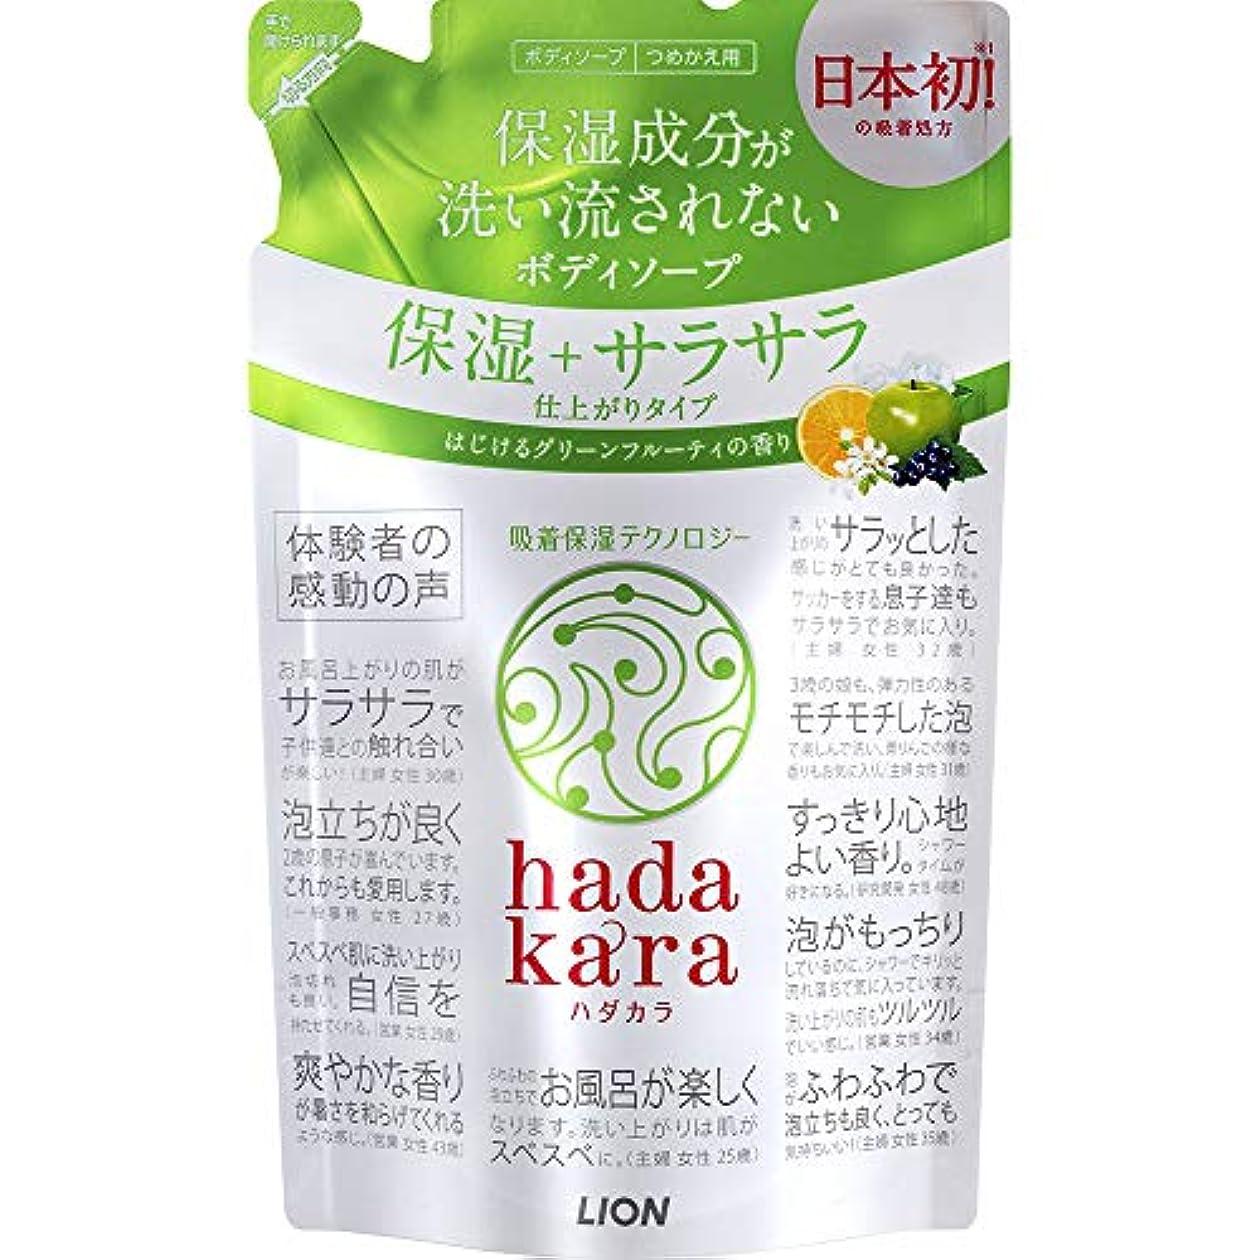 職業ボーダー調整hadakara(ハダカラ) ボディソープ 保湿+サラサラ仕上がりタイプ グリーンフルーティの香り 詰め替え 340ml